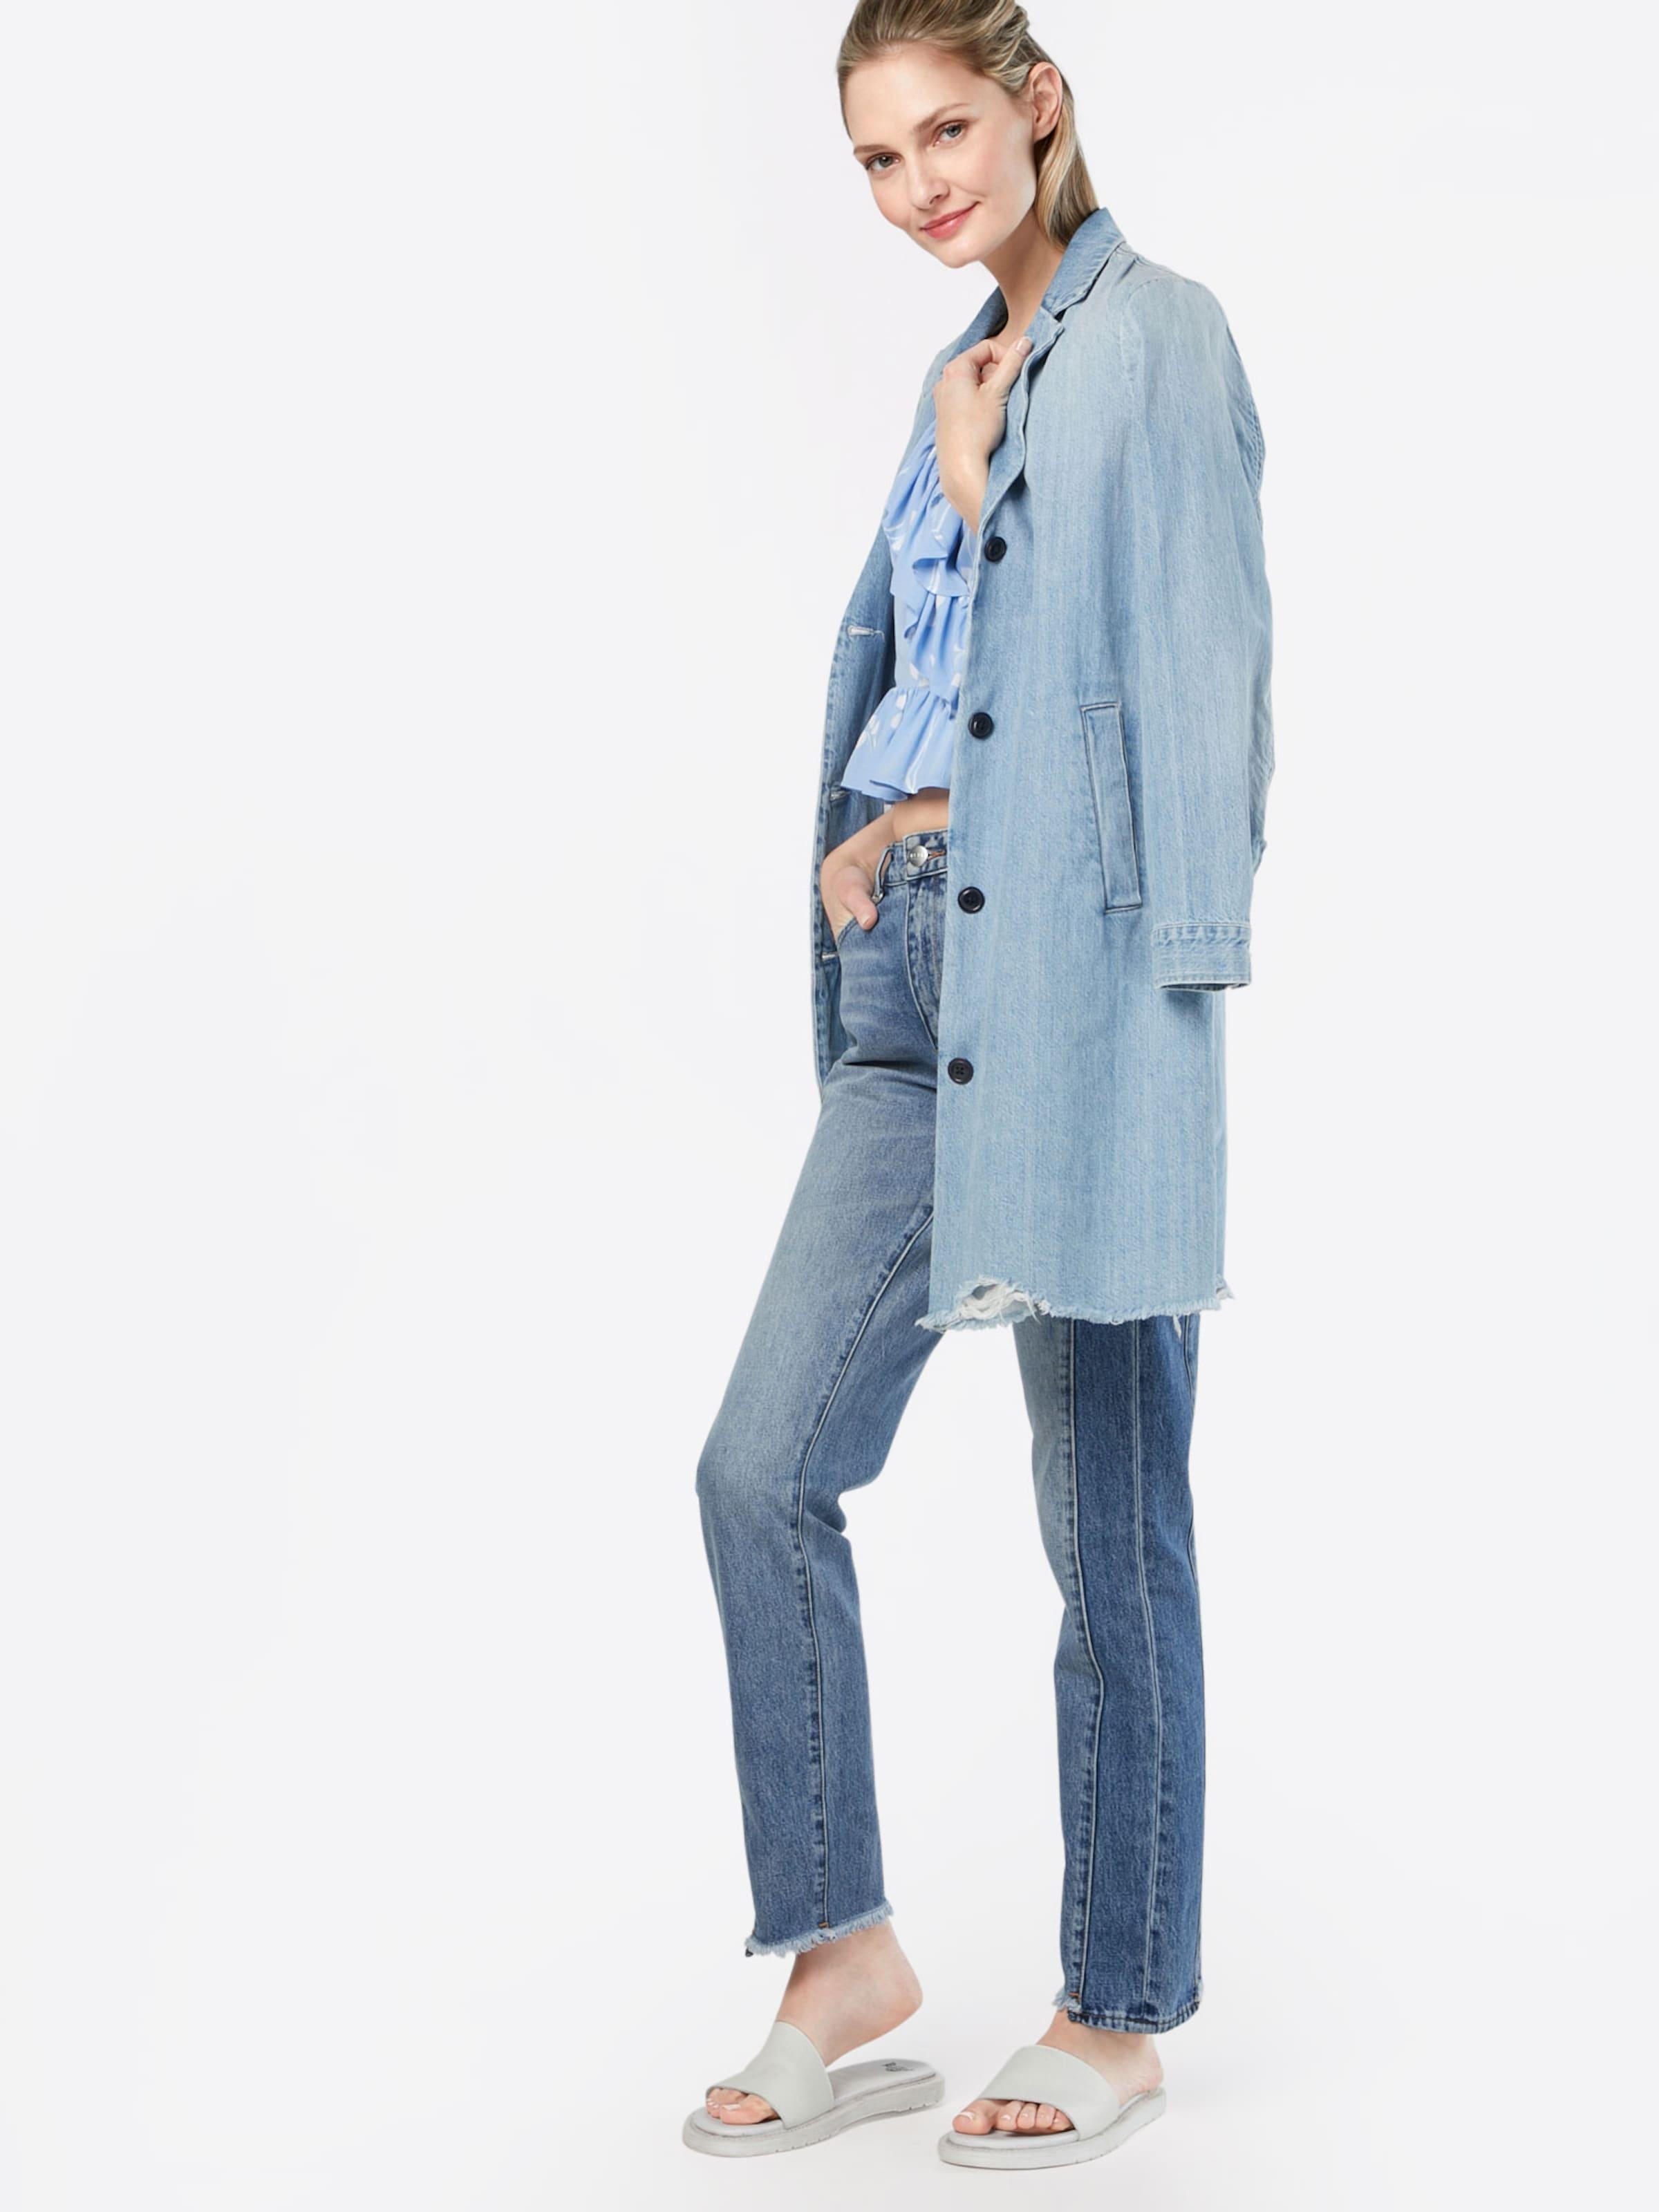 Jeans 'lexi' In Jeans Neuw Blau Neuw Neuw In Blau 'lexi' Jeans UMpGVSqz